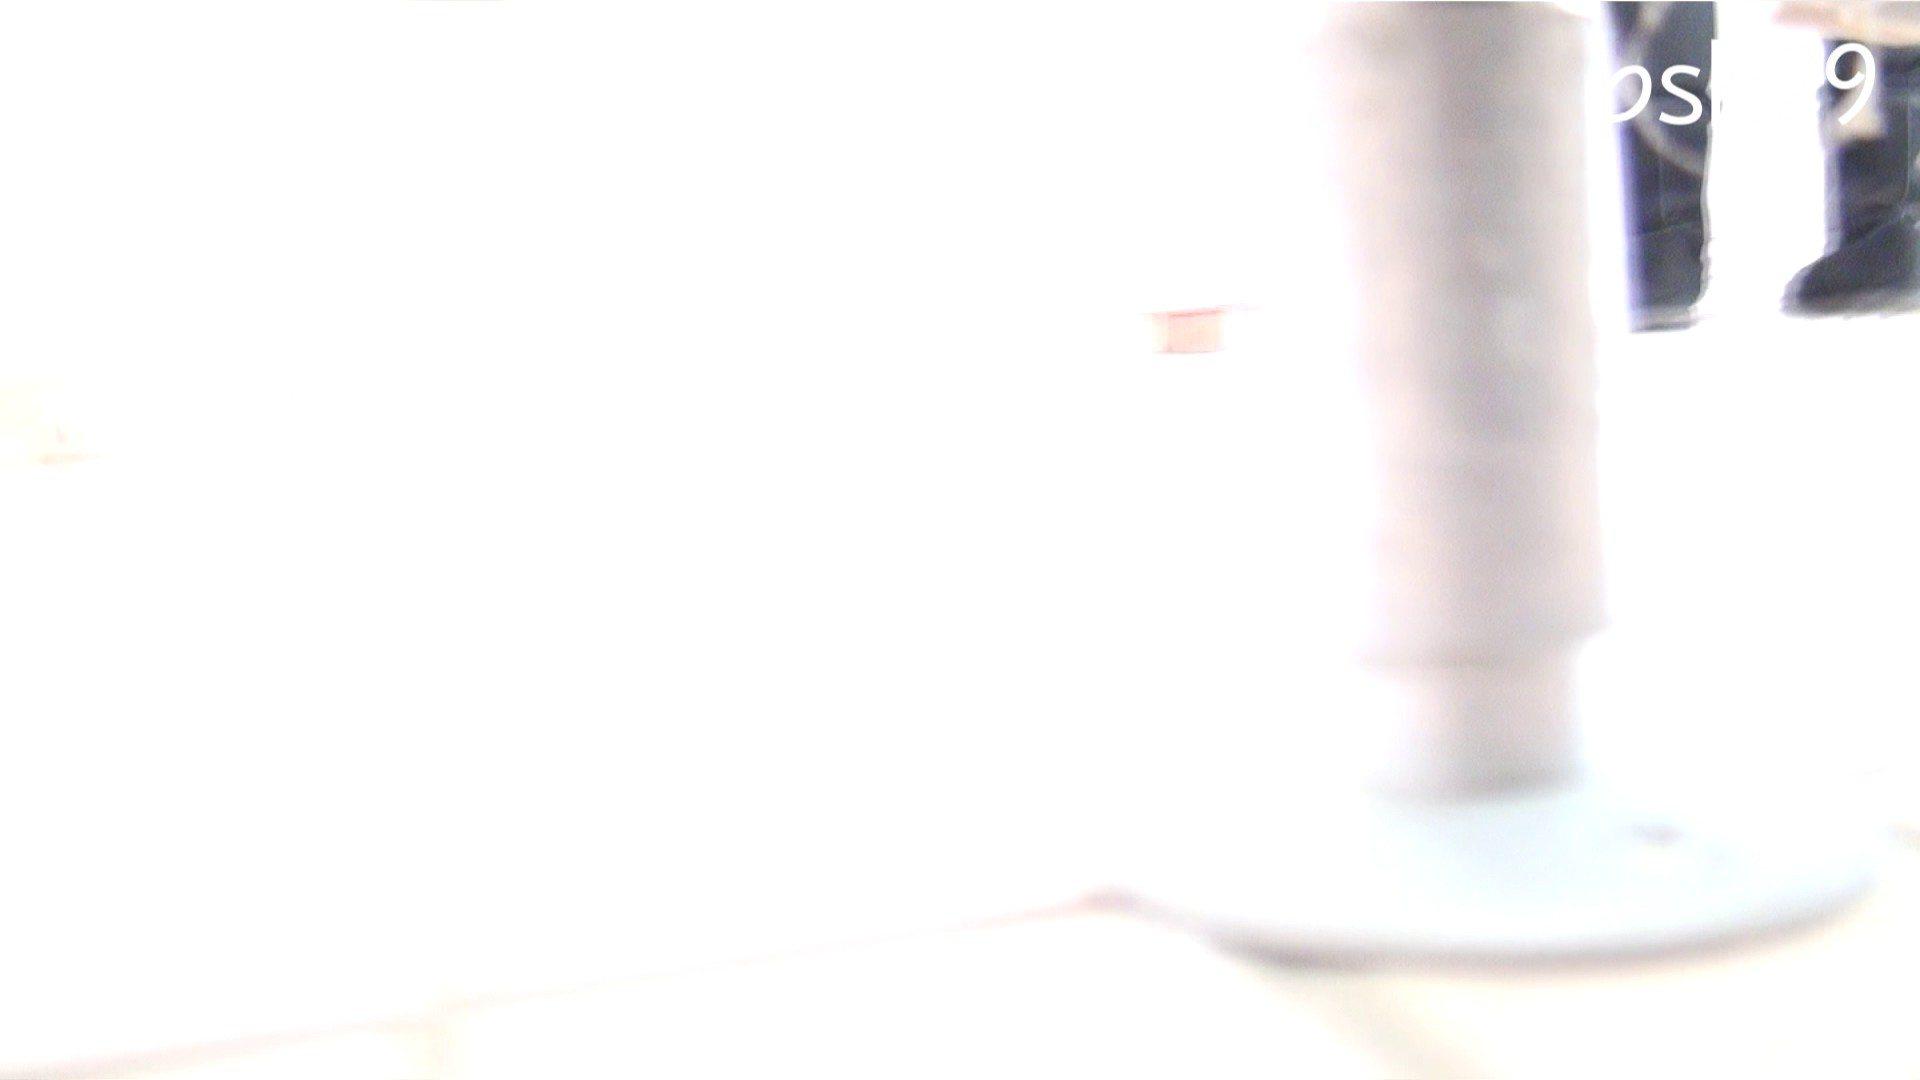 ▲復活限定▲ハイビジョン 盗神伝 Vol.29 盛合せ AV無料 71画像 45